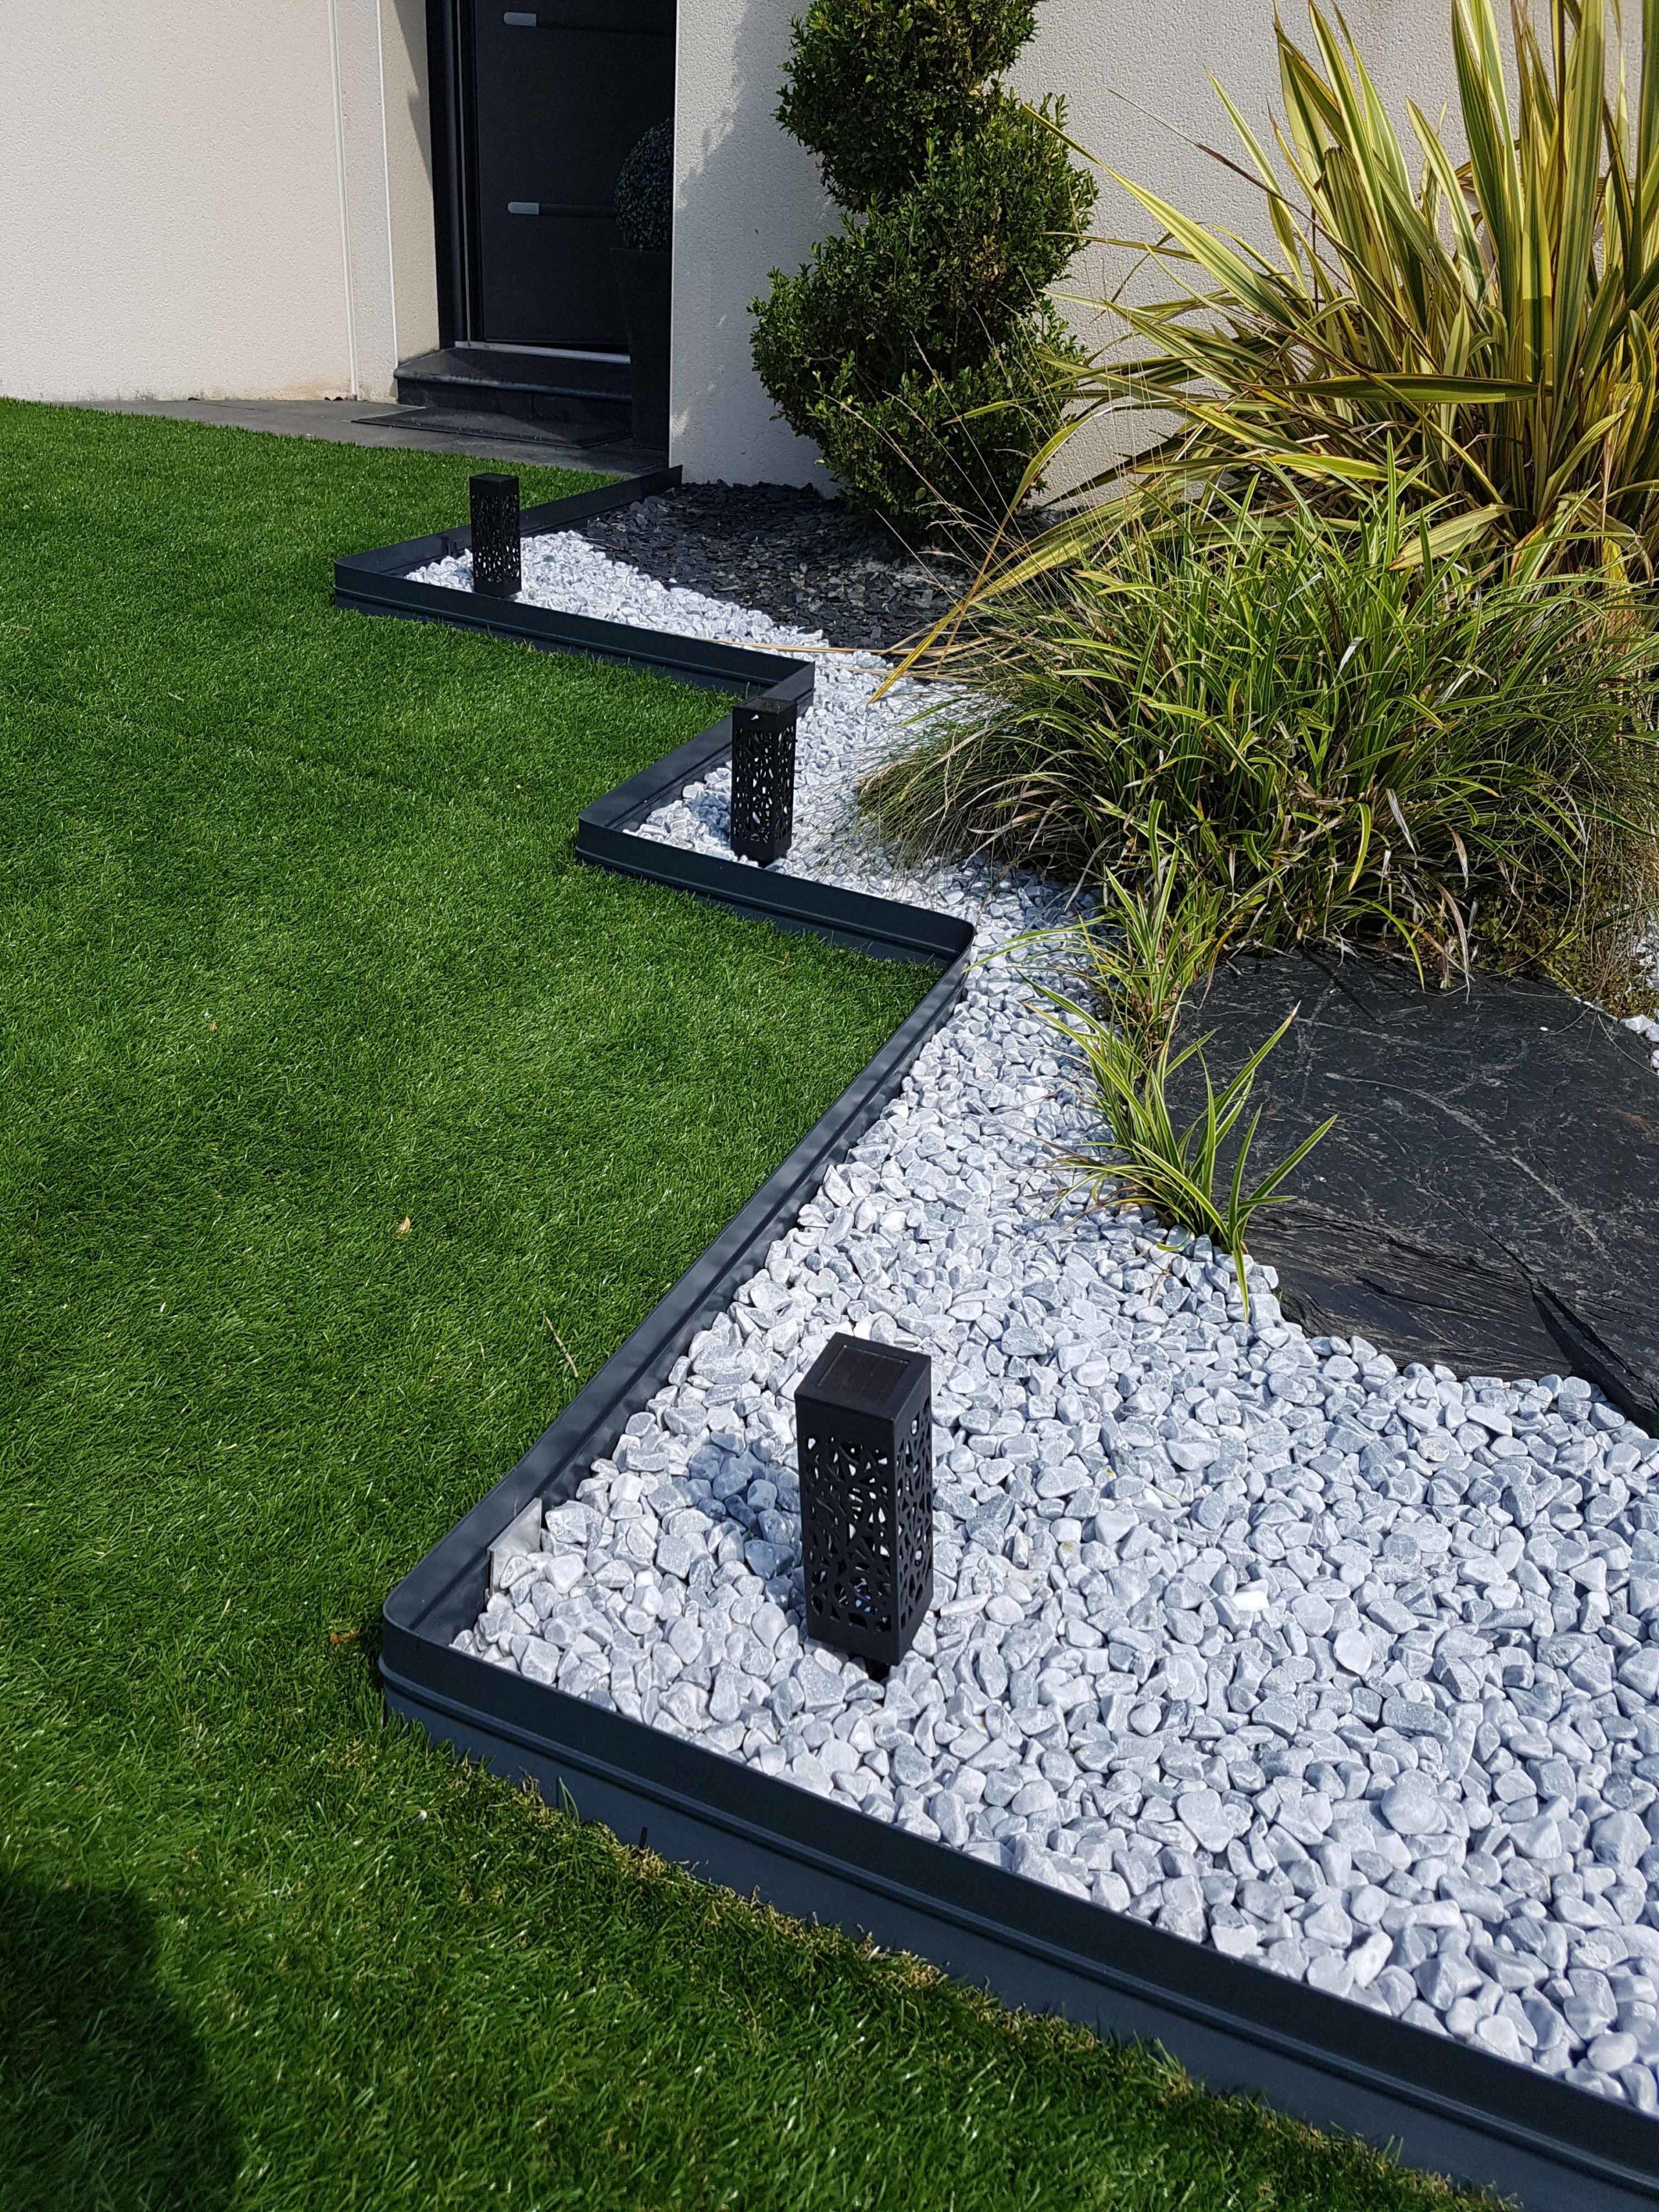 bordure bordalu gris anthracite jardivrac d coration. Black Bedroom Furniture Sets. Home Design Ideas